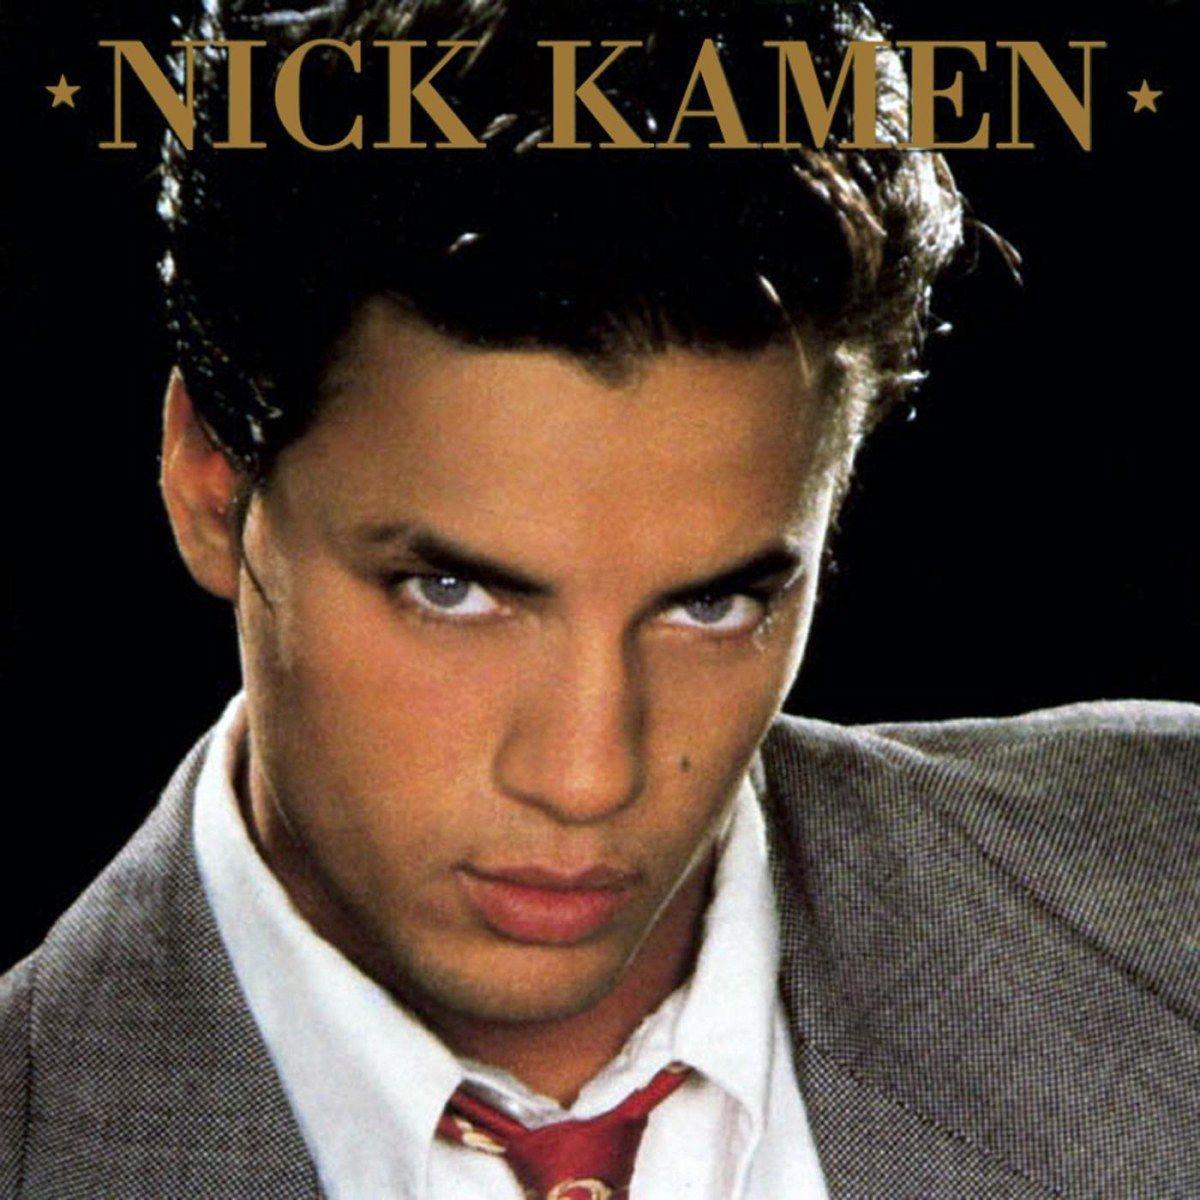 Nick Kamen. Nick Kamen: Deluxe Edition (2CD) nick warburton dickens children